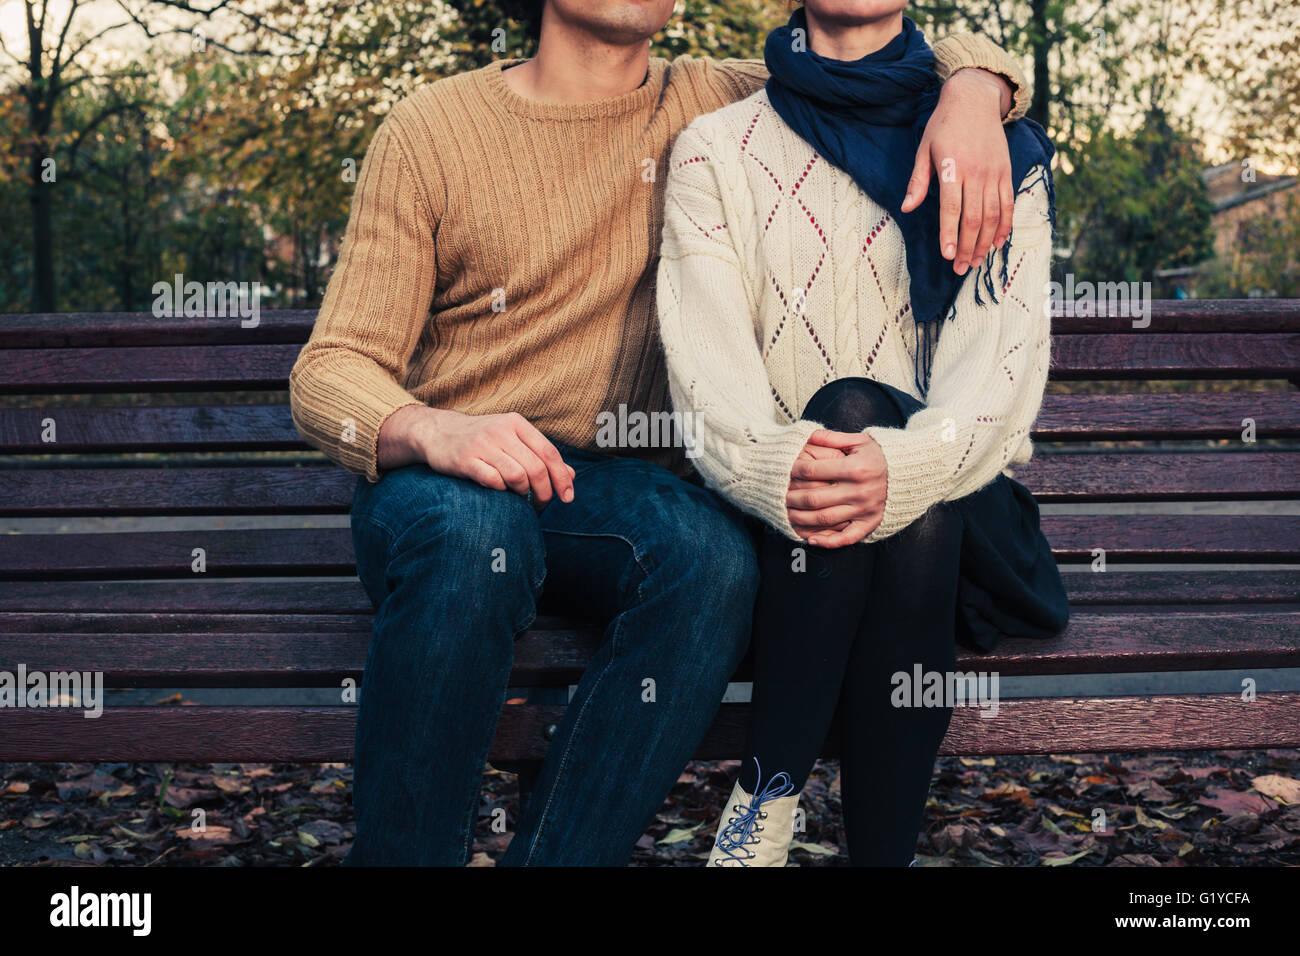 Una pareja joven está sentado y sujetando el uno al otro en una banca del parque en otoño Imagen De Stock